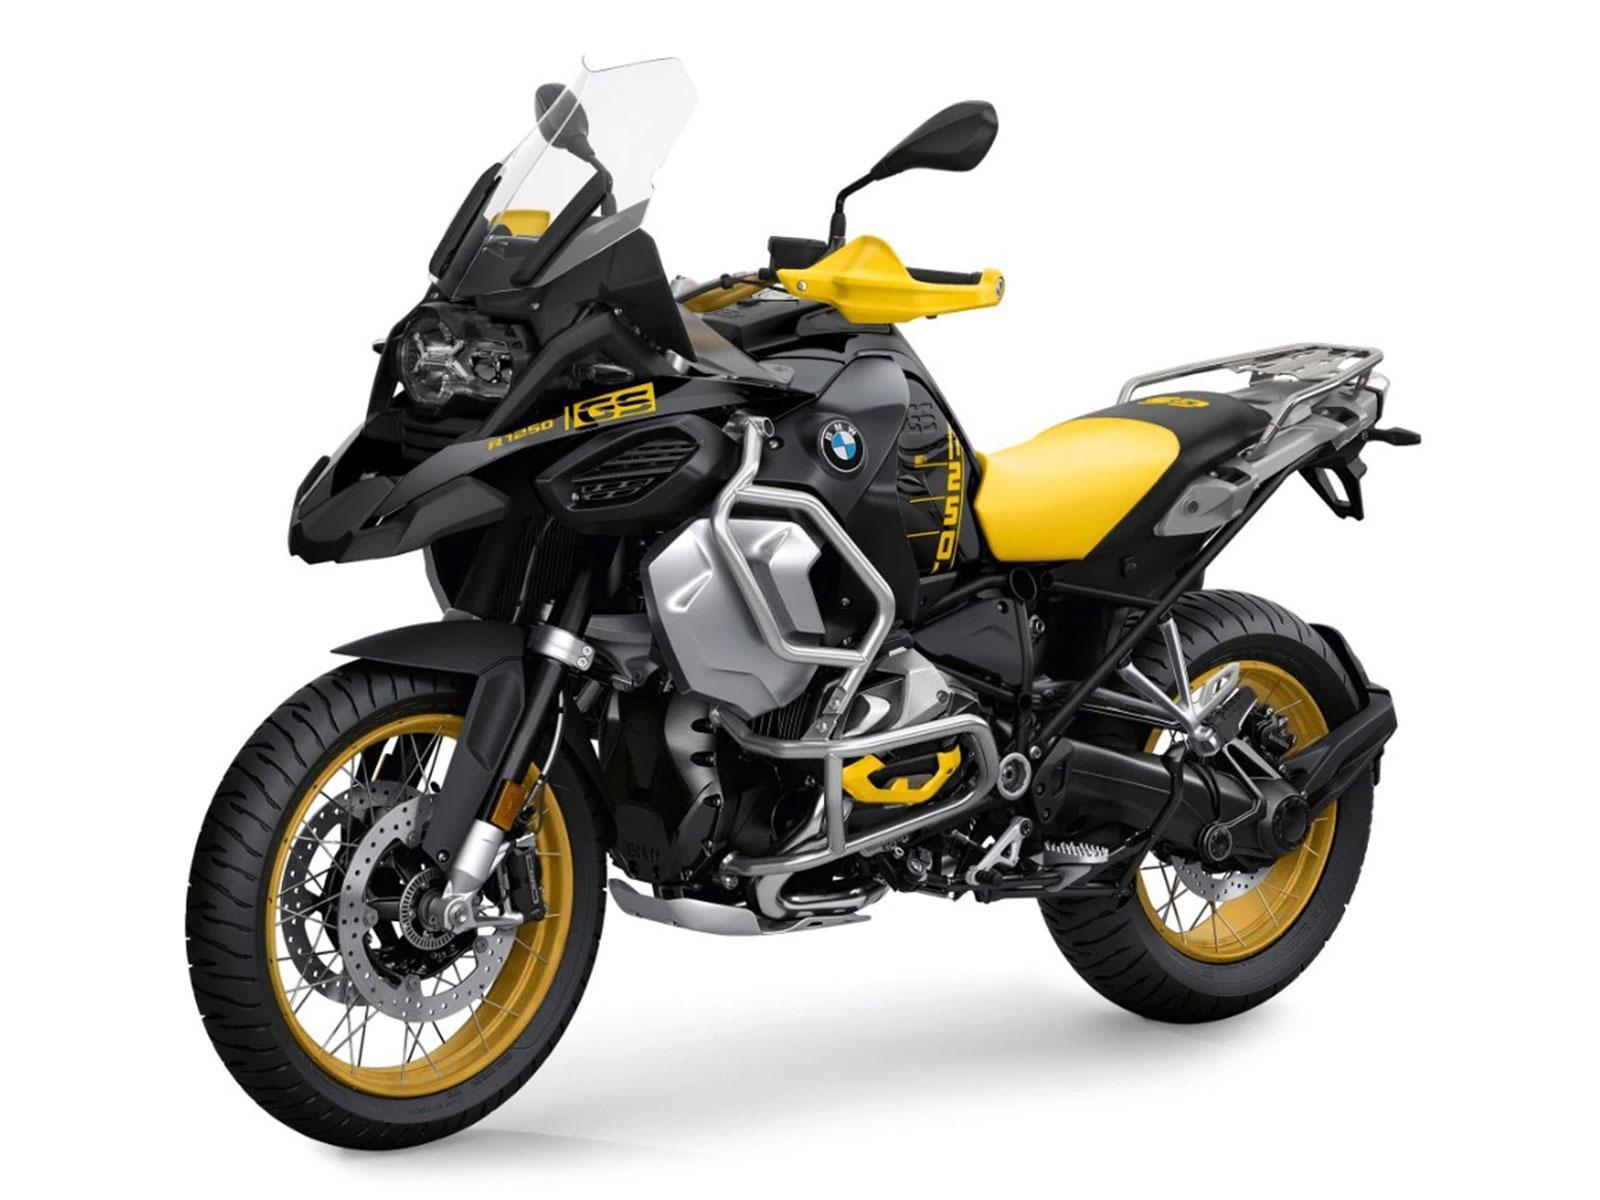 Se un modello di moto continua, dopo 40 anni, ad avere successo ci sarà un motivo?